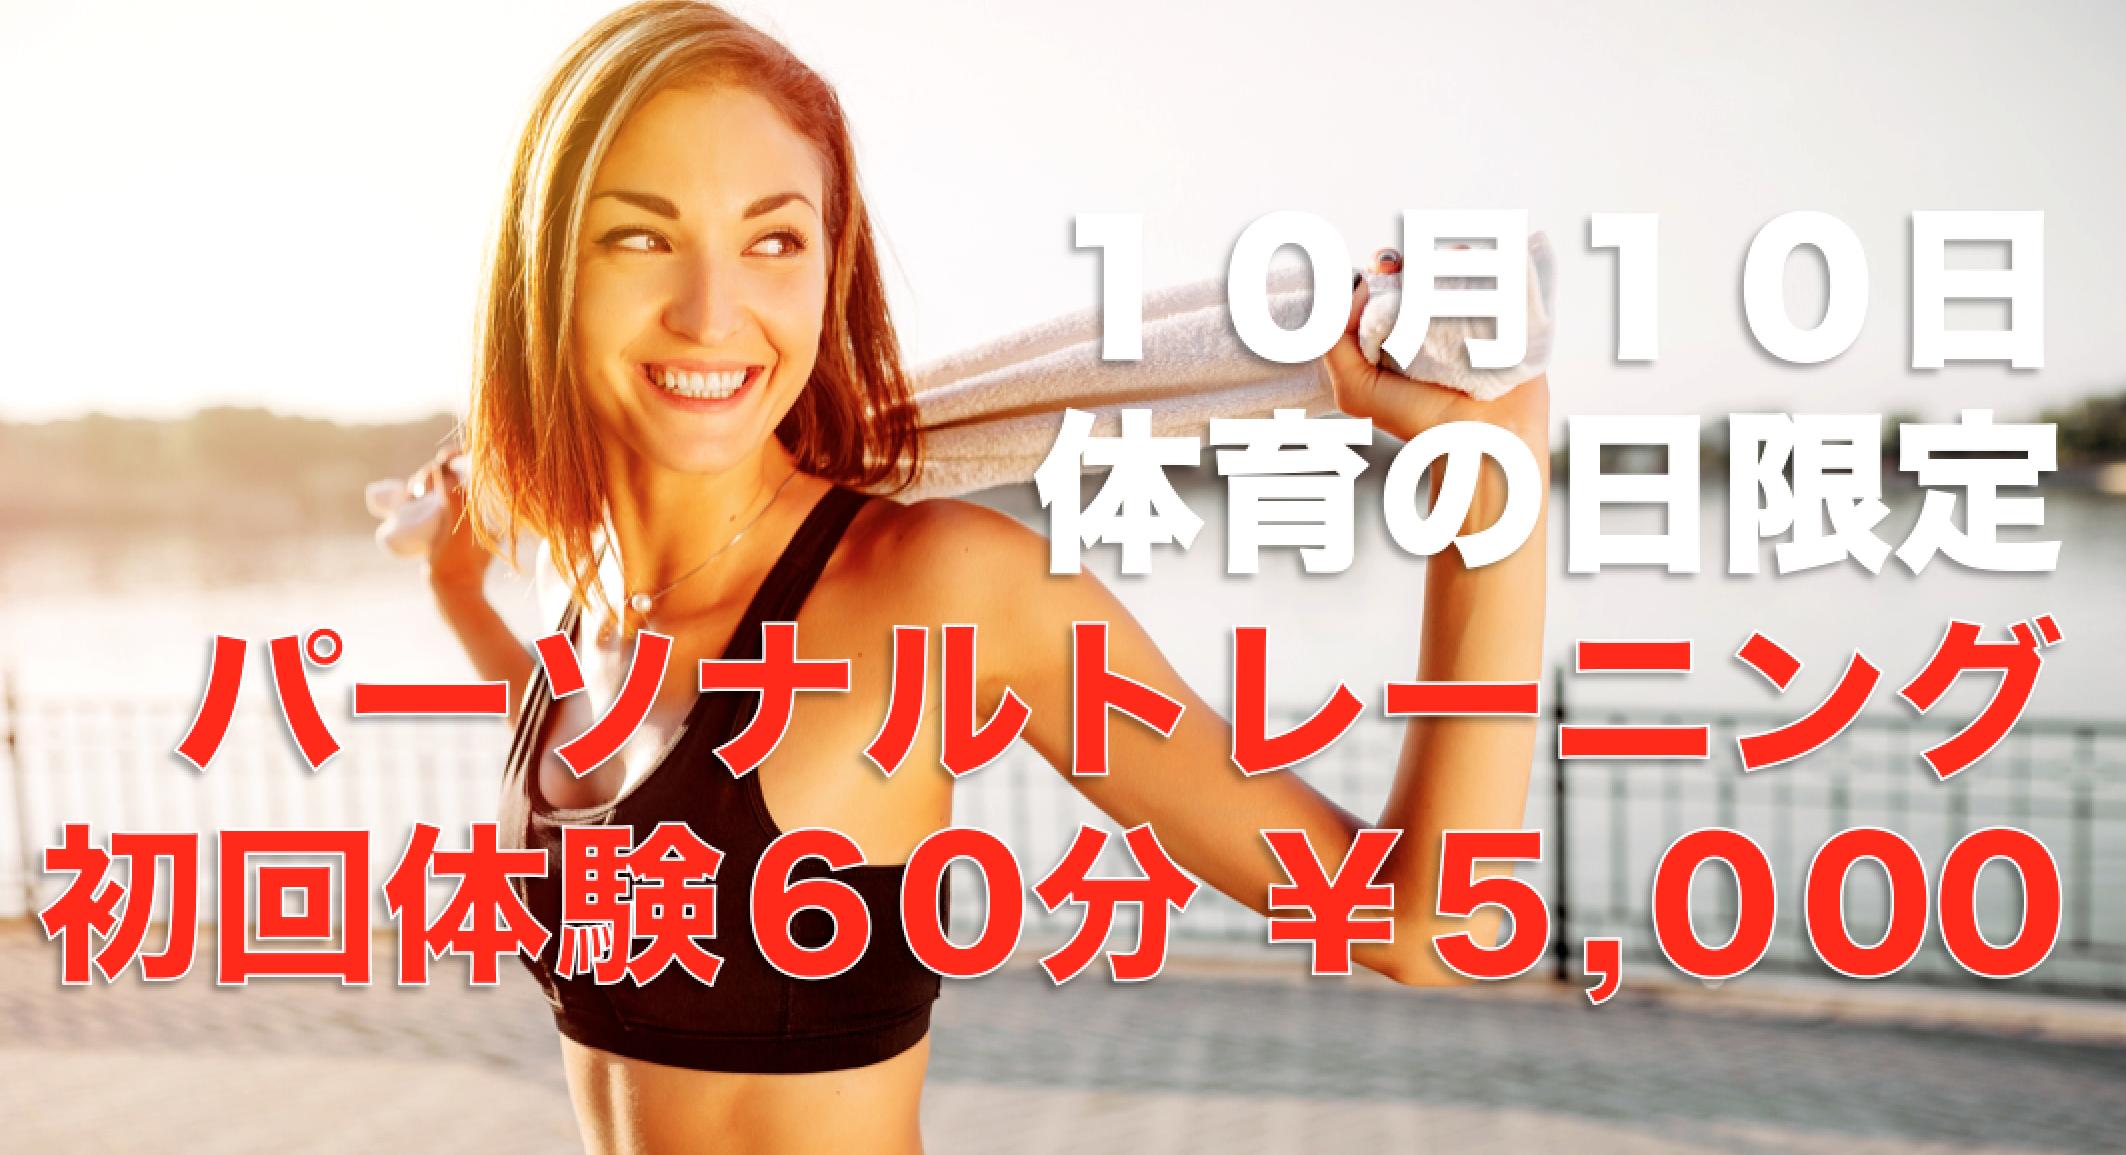 残り3枠【10月10日は体育の日】60分5,000円でパーソナル体験!!